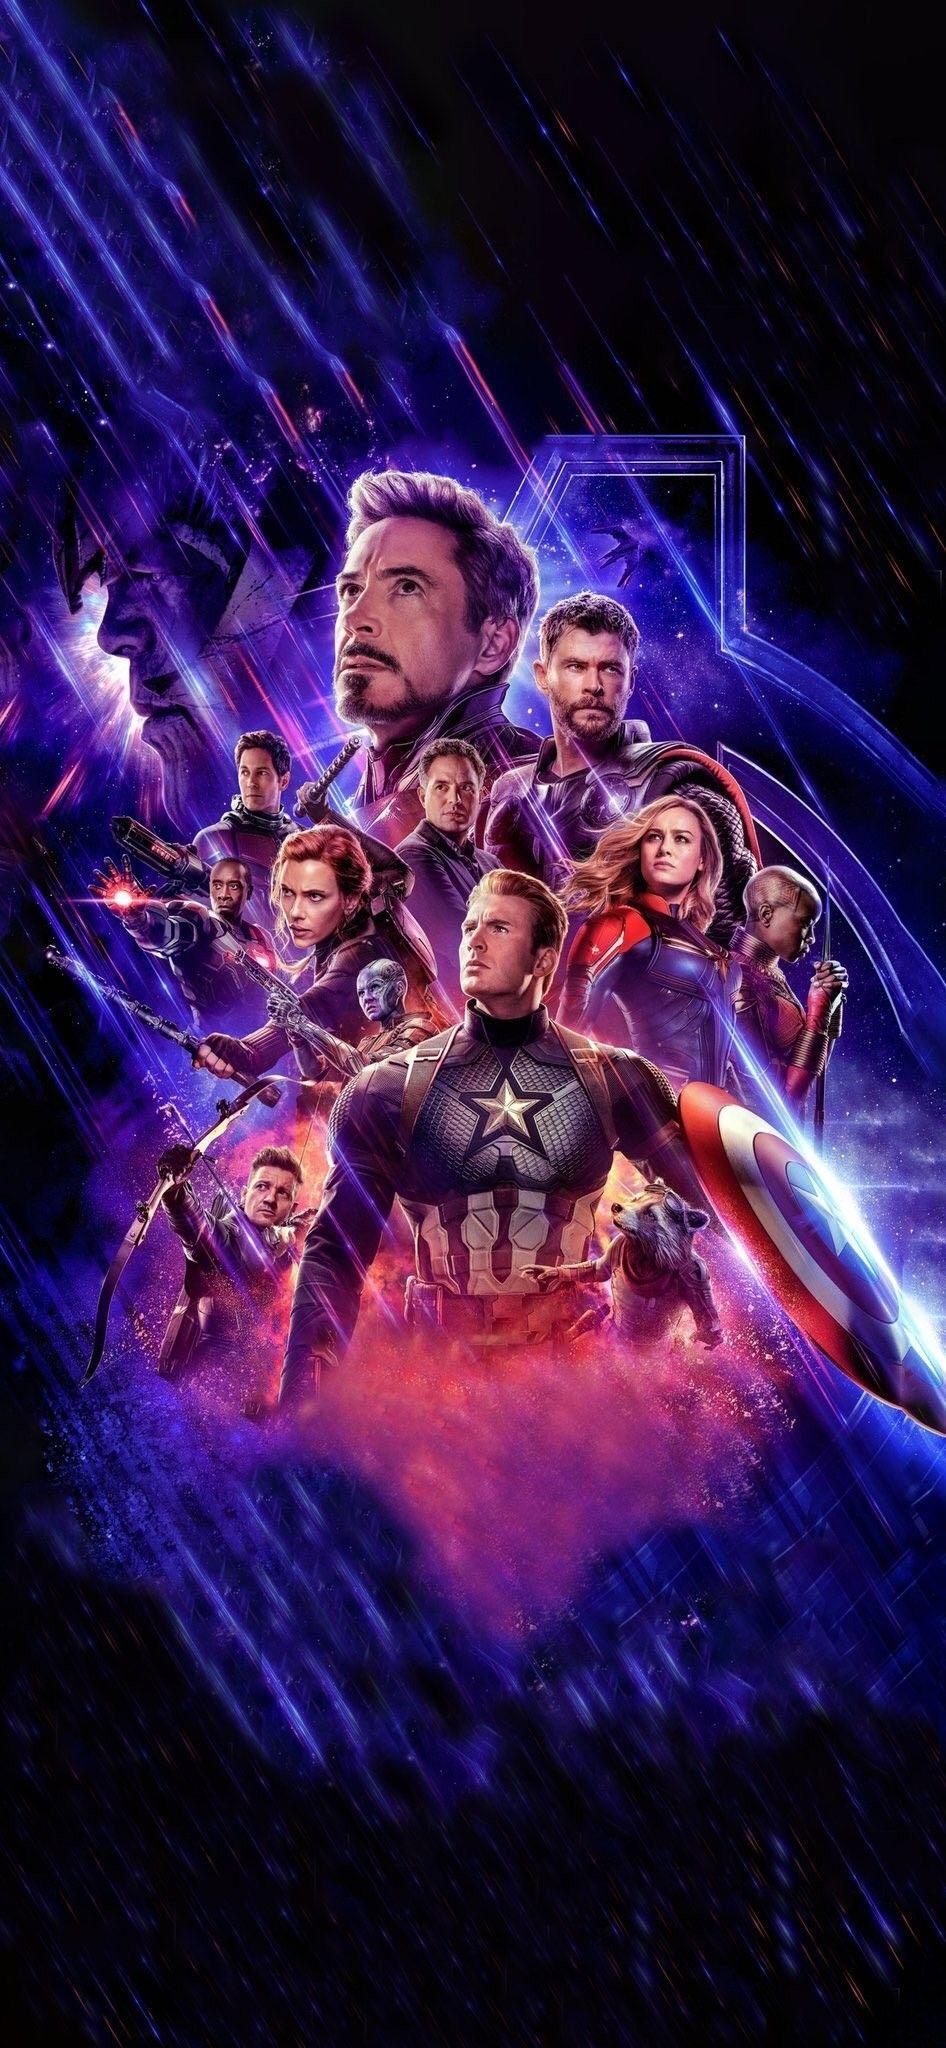 Avenger Trailer 2 Poster Sin Logo Letras Hd Avengers Poster Marvel Movie Posters Marvel Superheroes